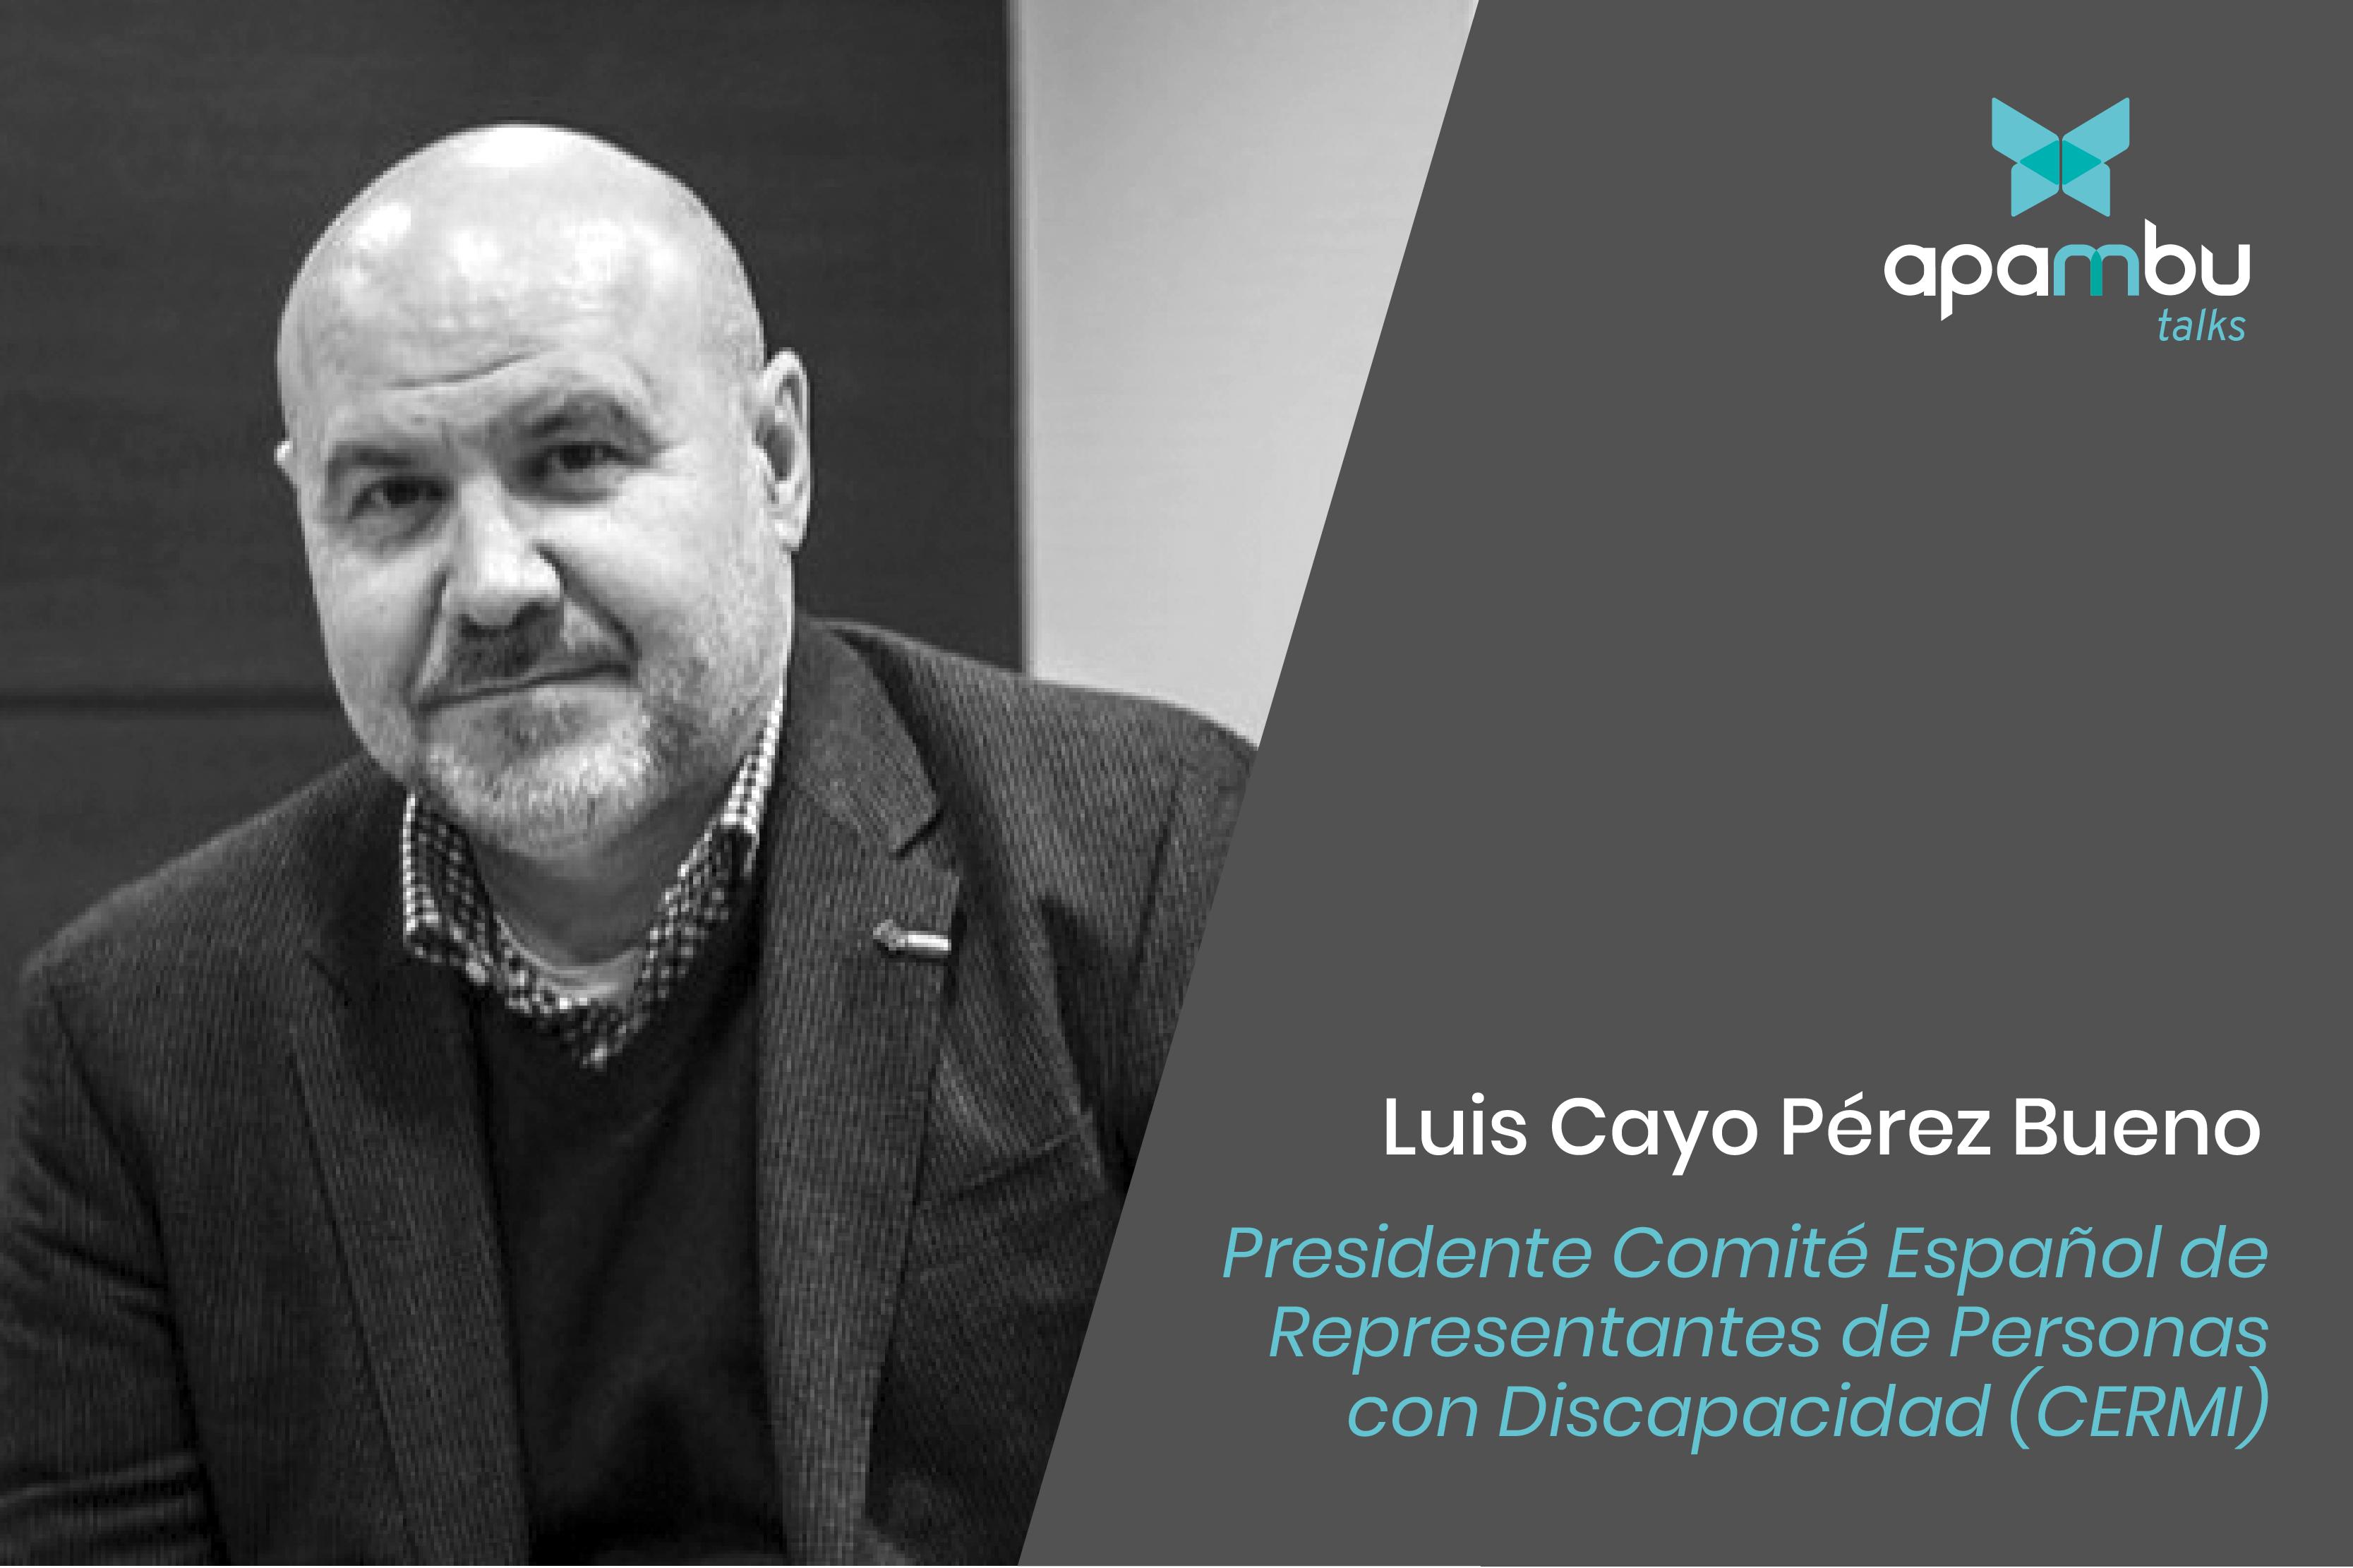 Apambu Talks con Luis Cayo Pérez Bueno. Presidente Comité Español de Representantes de Personas con Discapacidad (CERMI)